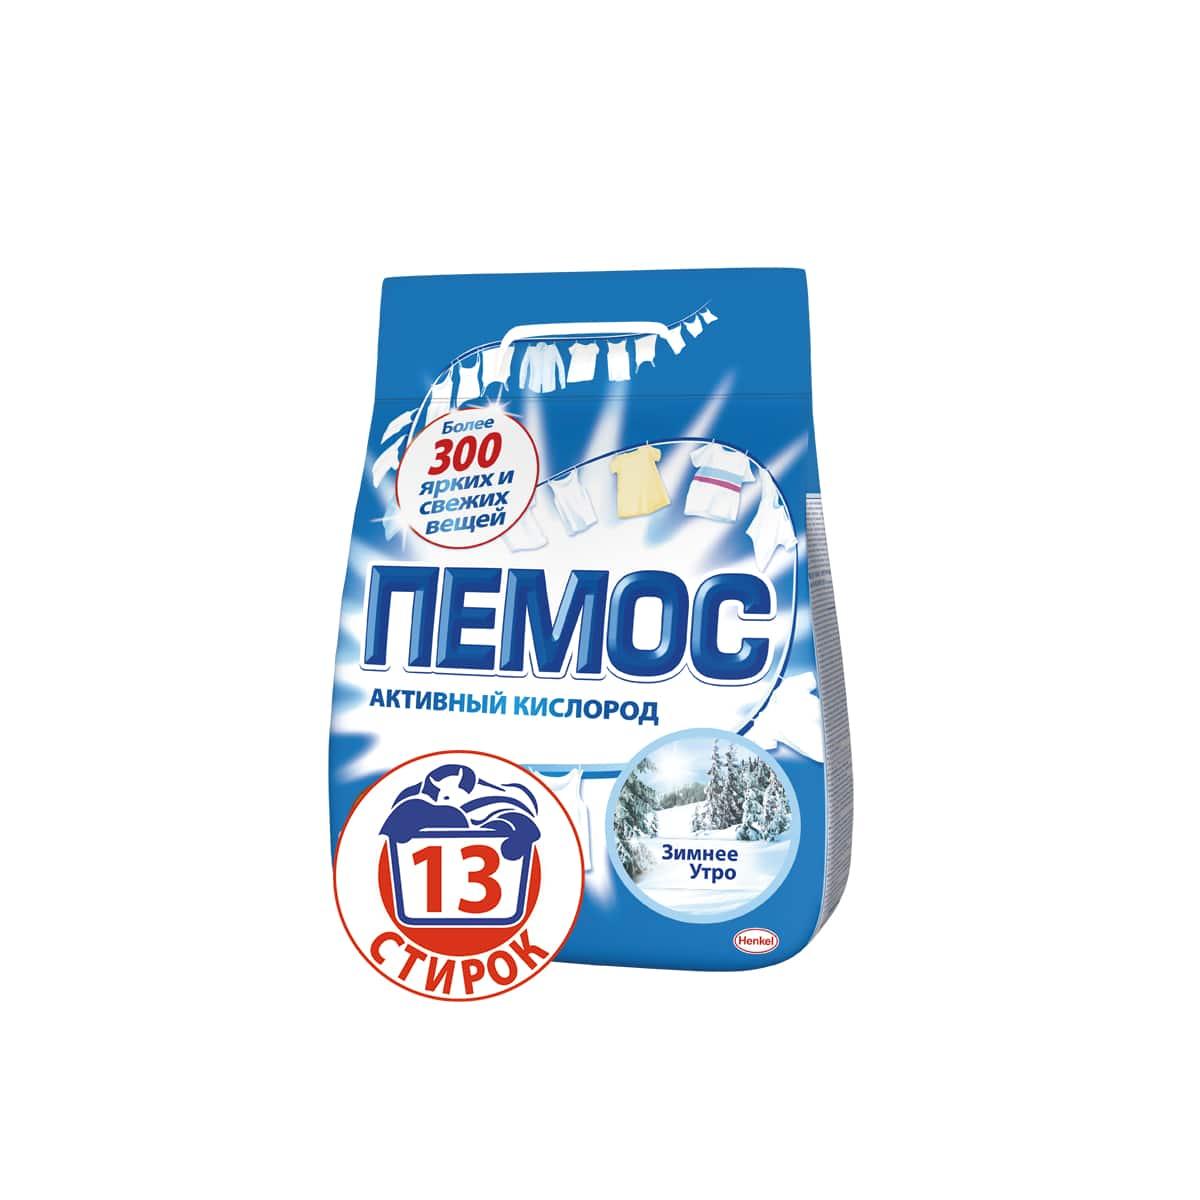 Стиральный порошок Пемос Зимнее утро, для белого и светлого белья, 2 кг531-321Пемос Зимнее утро - стиральный порошок с эффективной формулой, которая отлично отстирывает различные загрязнения. Проникая между волокнами ткани, он растворяте и удаляет грязь, а содержащийся в его вормуле активный кислород придает вашим вещам сияющую белизну. С помощью всего лишь одной пачки вы сможете отстирать более 300 вещей. Пемос Зимнее утро - стирает много, стоит недорого.